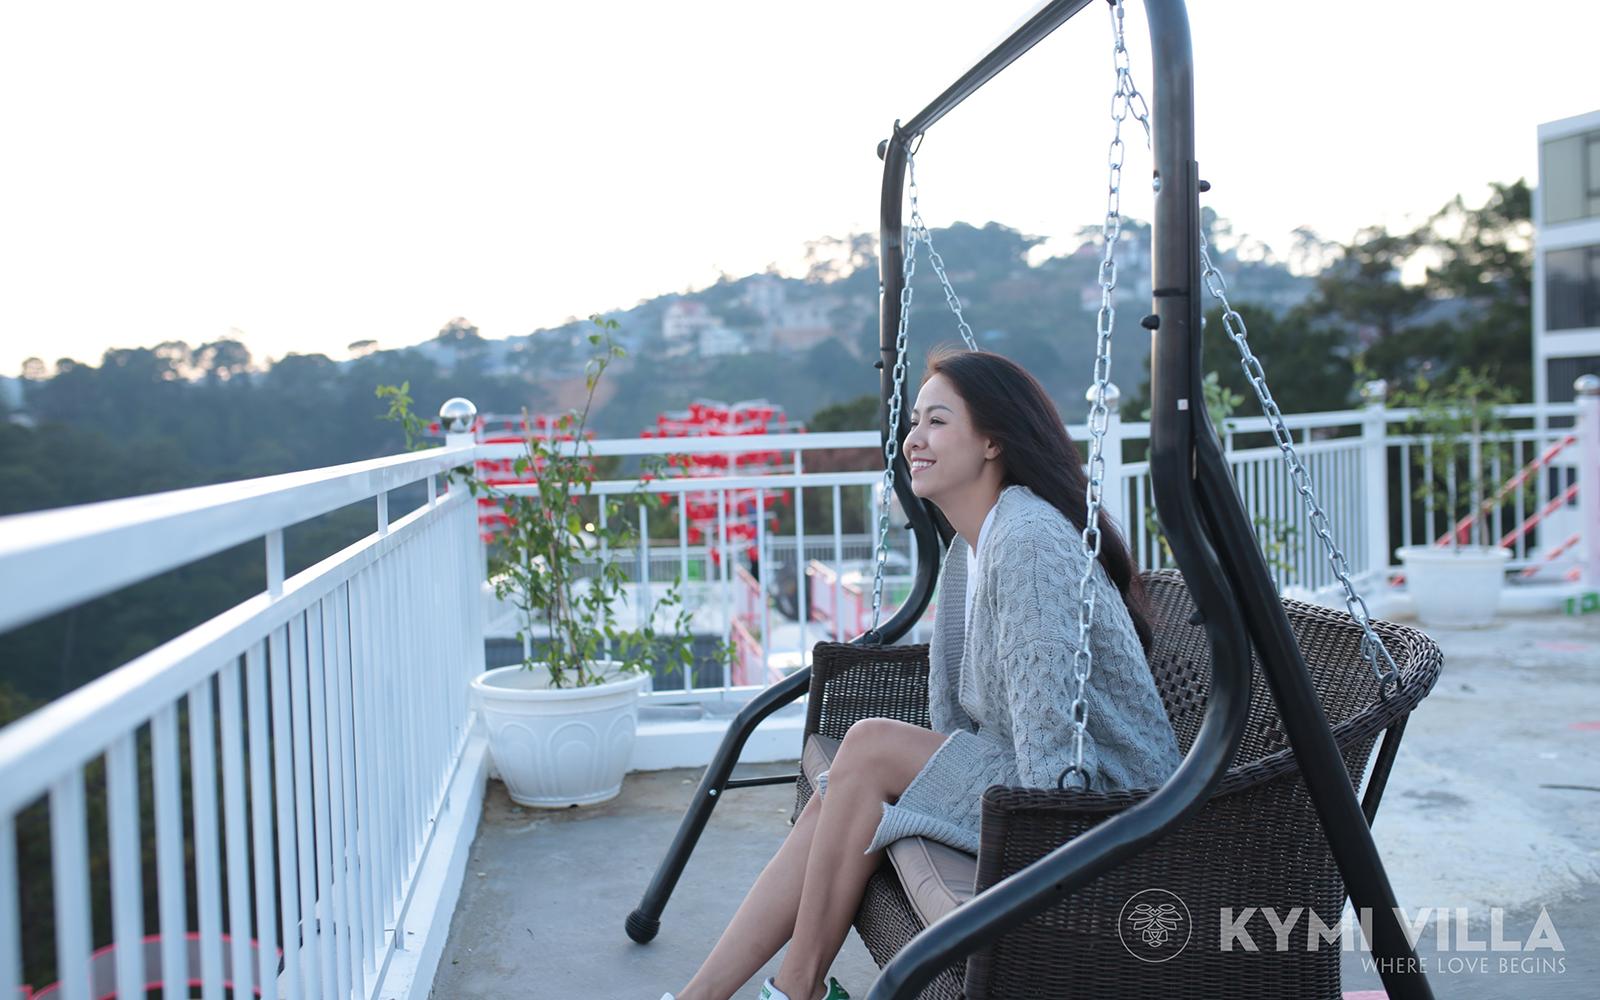 Đồi thông Kymi Coffee - Villa Đà Lạt